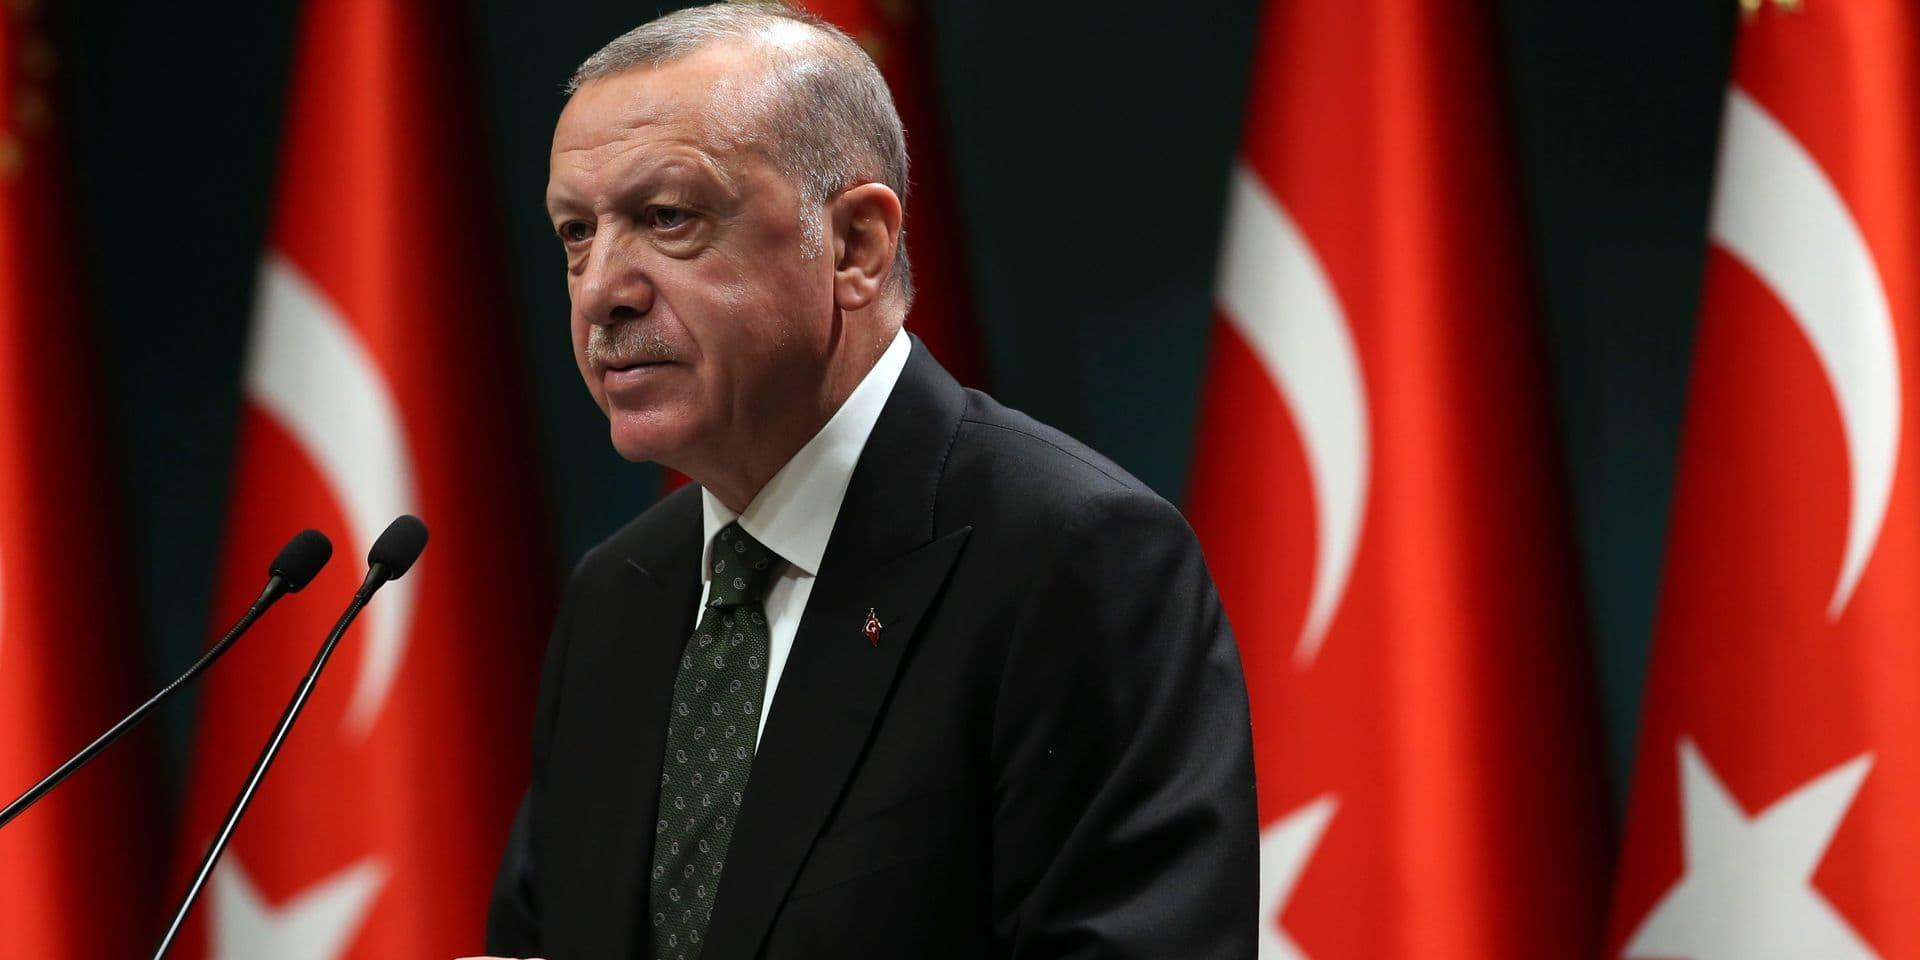 Près de 200 personnes soupçonnées d'avoir participé à une tentative de coup d'Etat arrêtées en Turquie